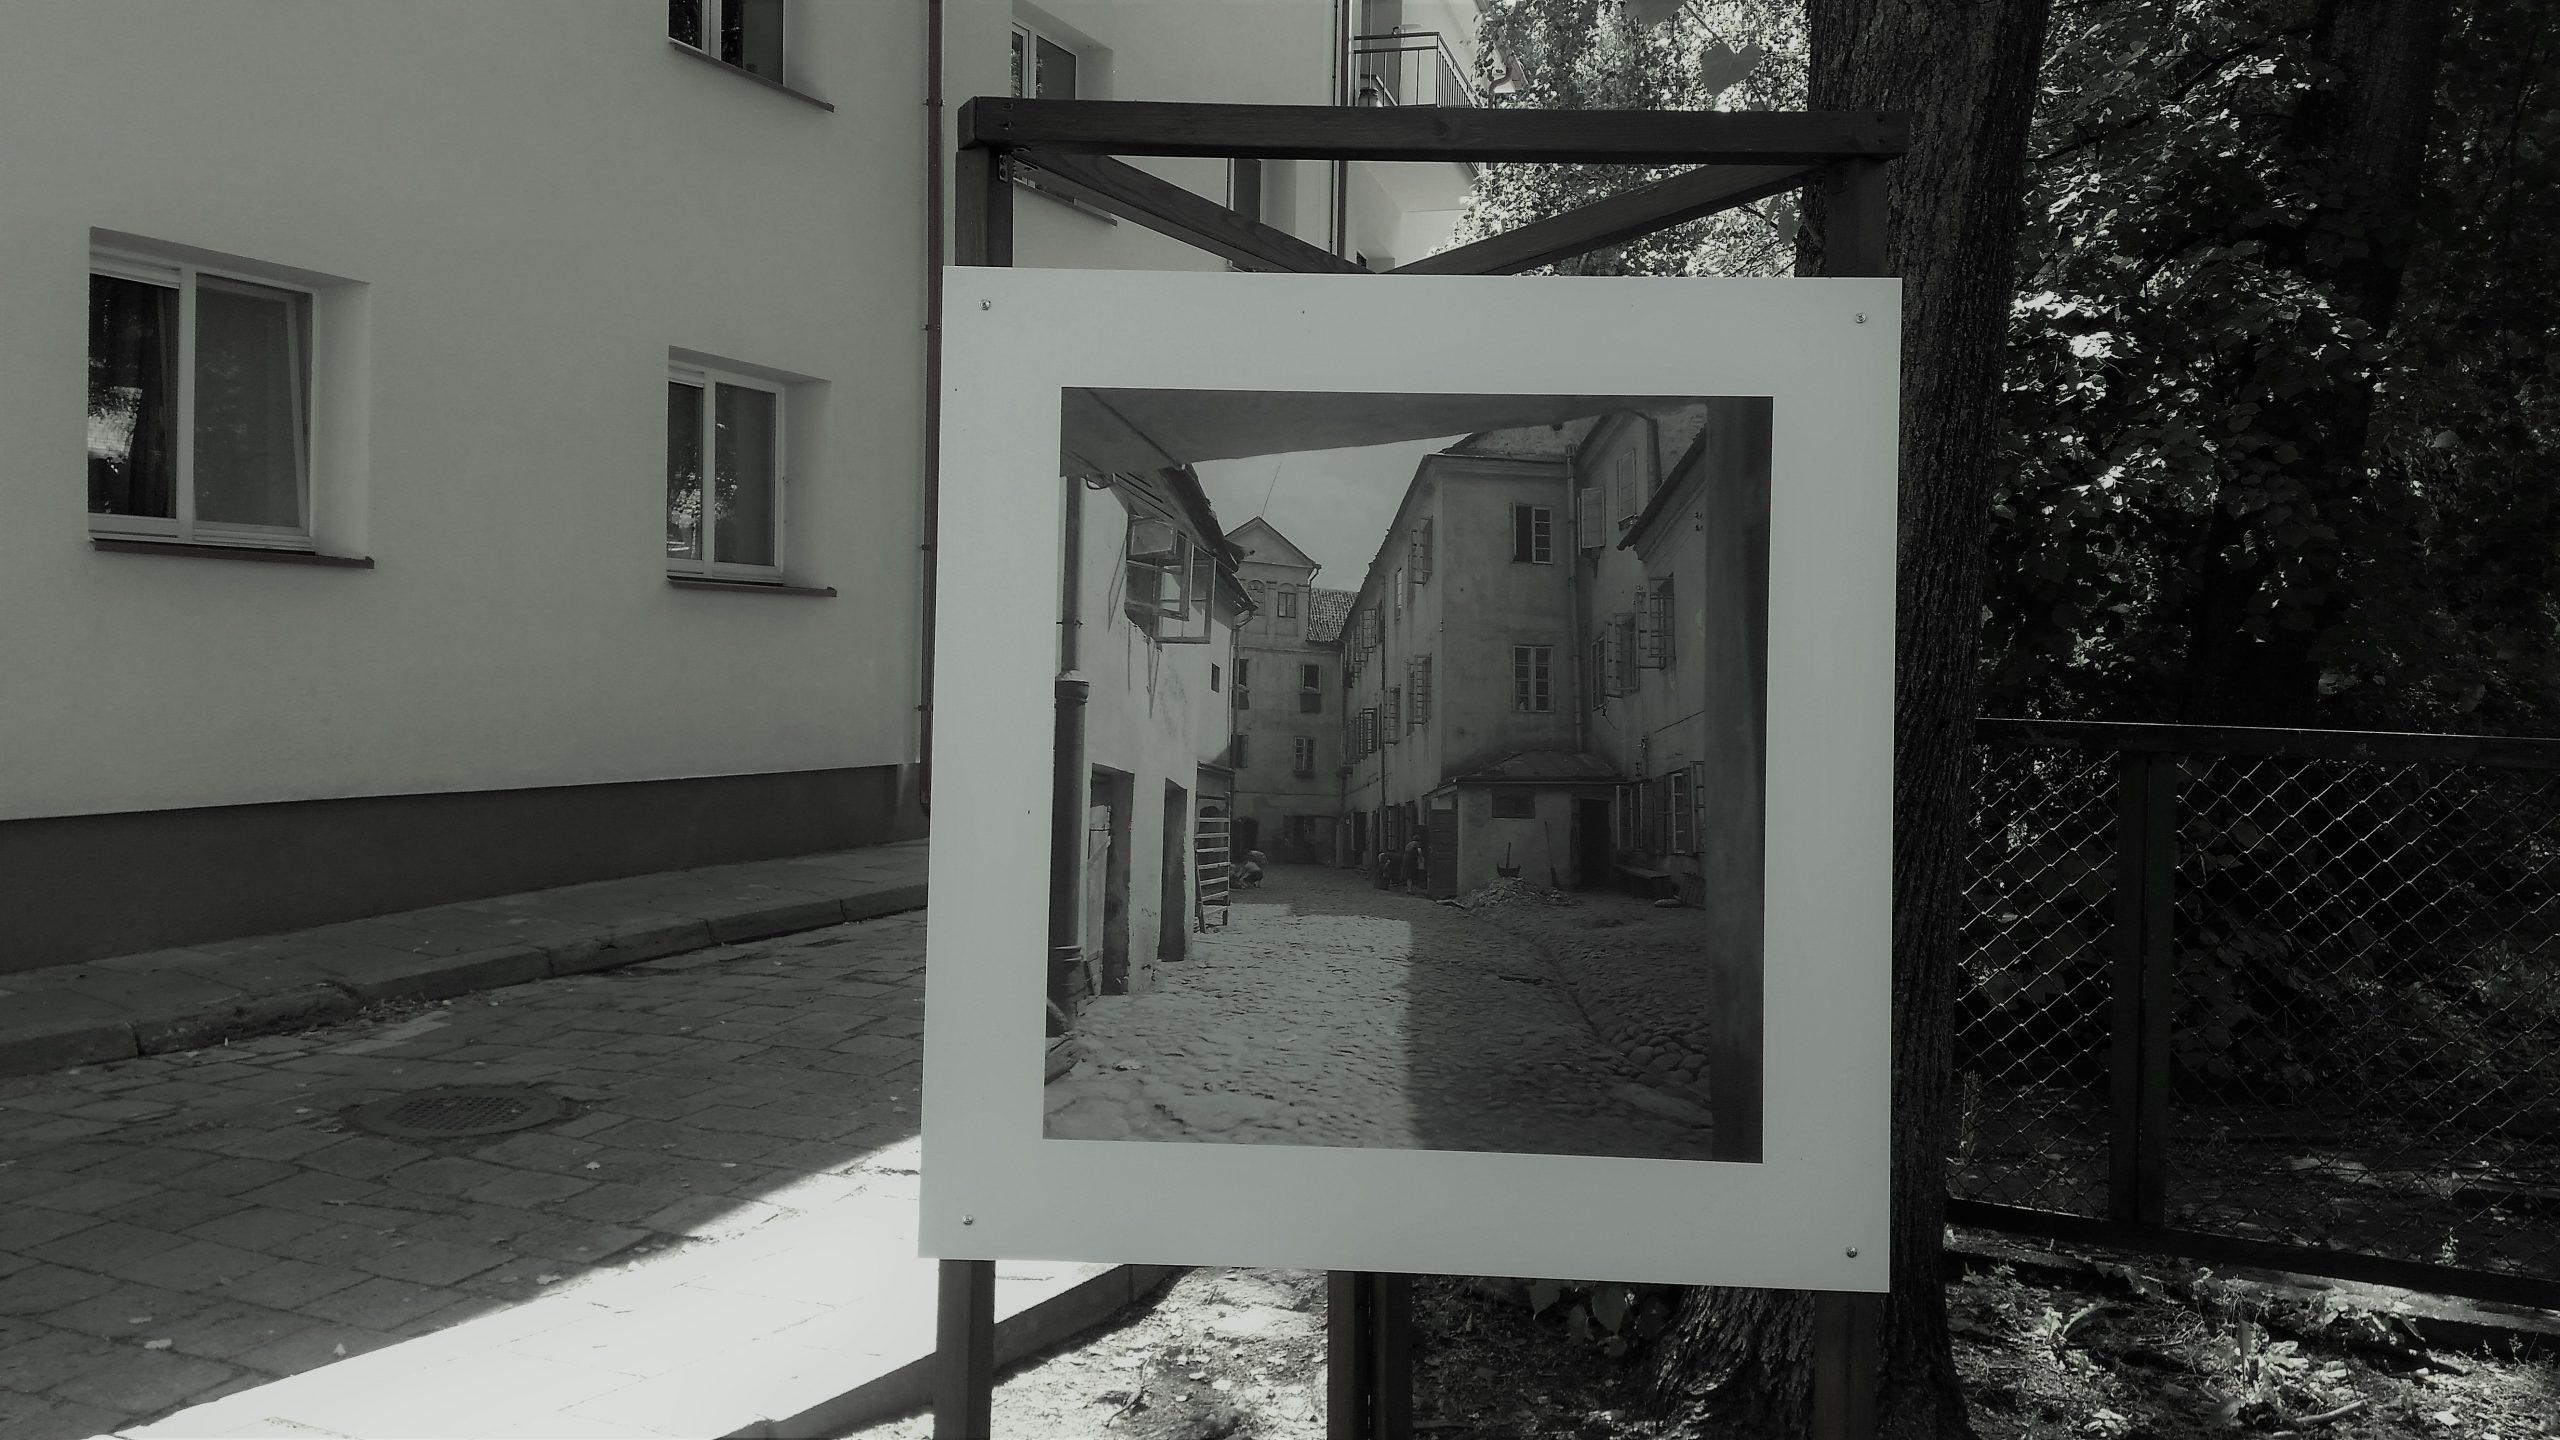 Czarno-biała fotografia podwórka wbiąłej ramie, wyeksponowane stare zdjęcie wteraźniejszej przestrzeni miejskiej.